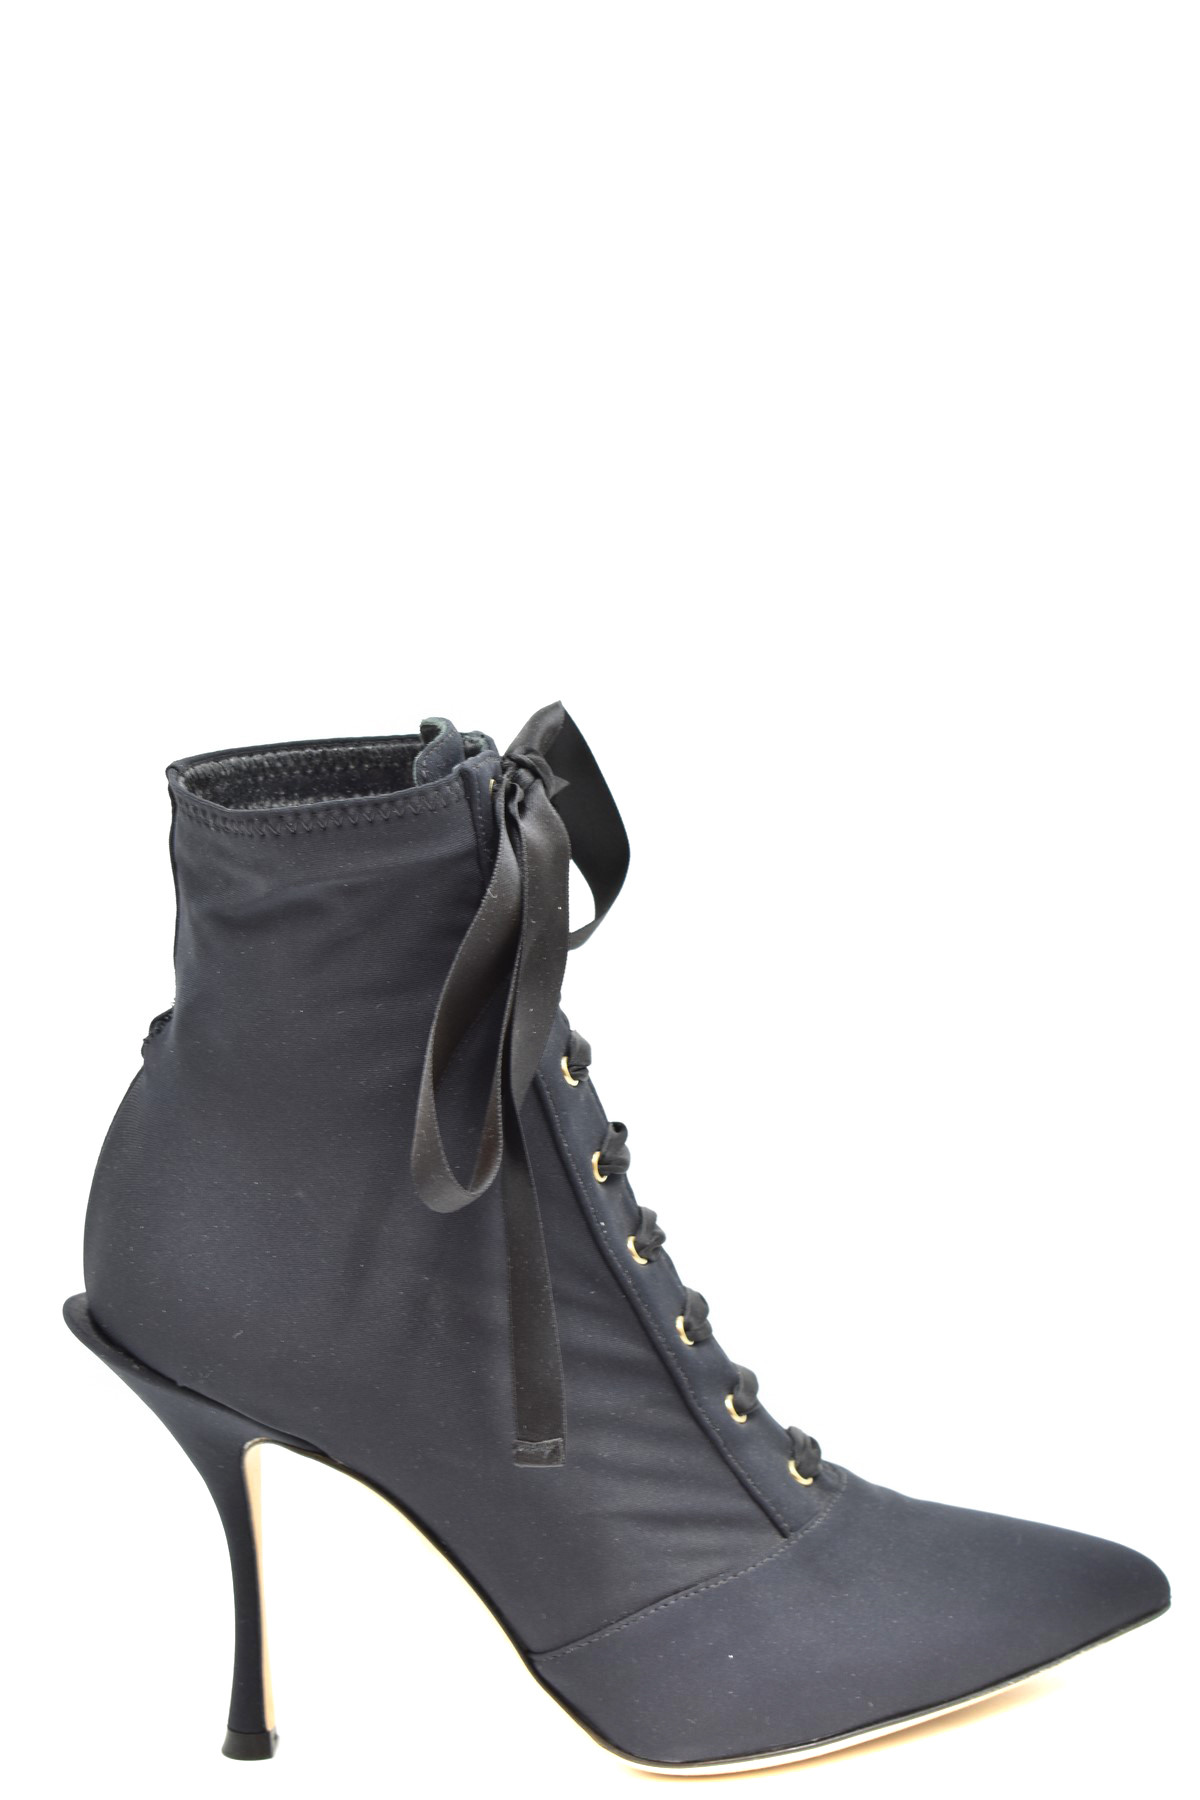 Marchio Dolce & Gabbana Genere Donna Tipologia Stivali Stagione Primavera/E…